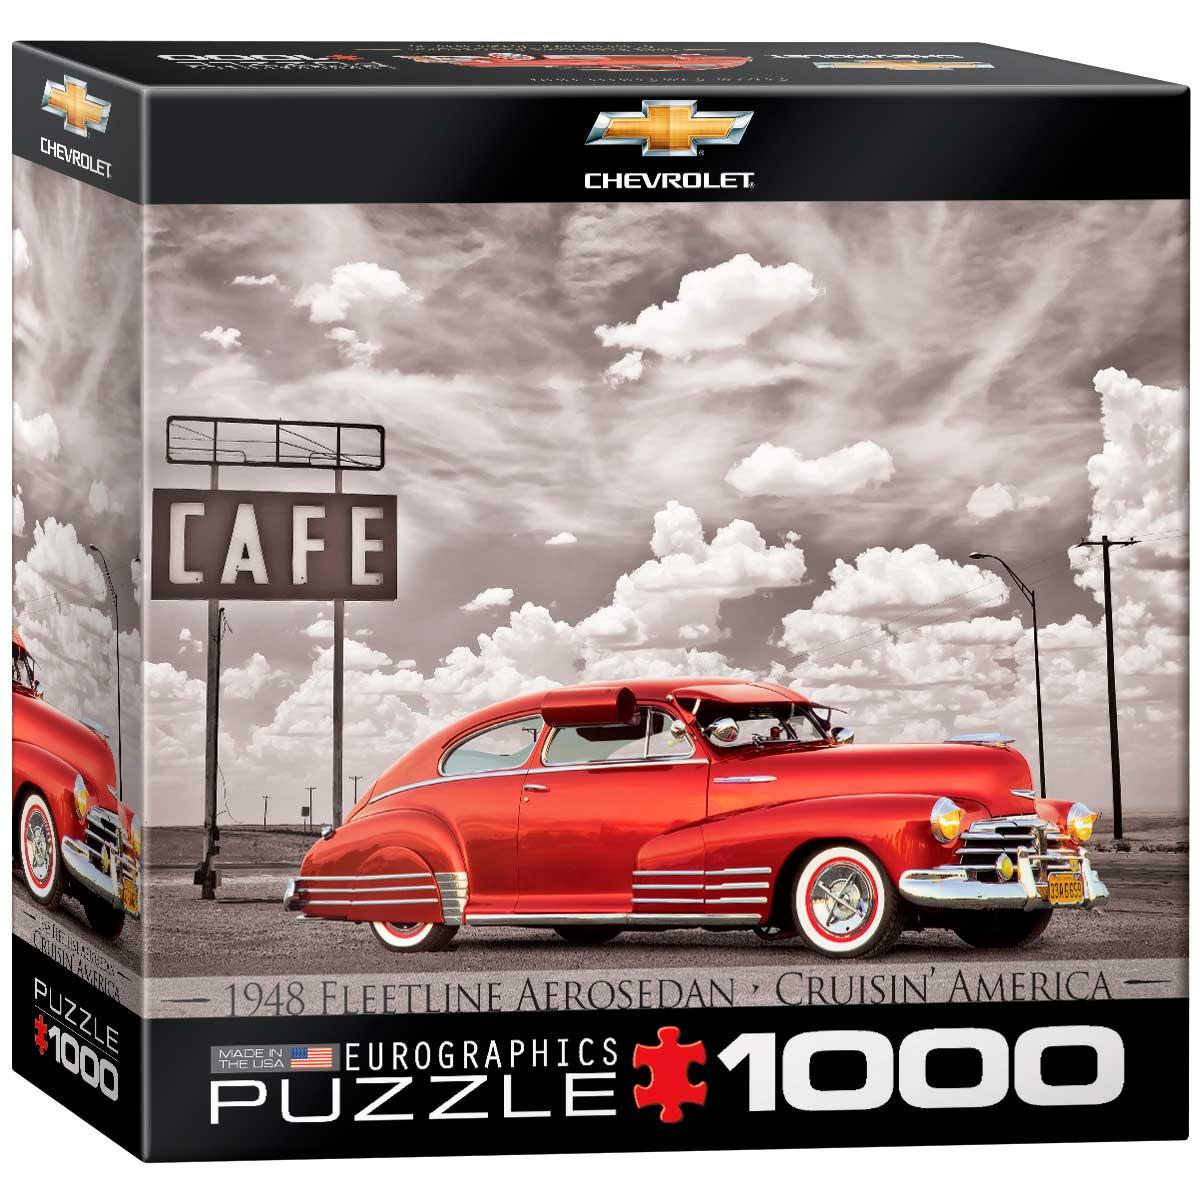 Puzzle Eurographics Chevrolet Fleetline Aerosedan de 1000 Piezas